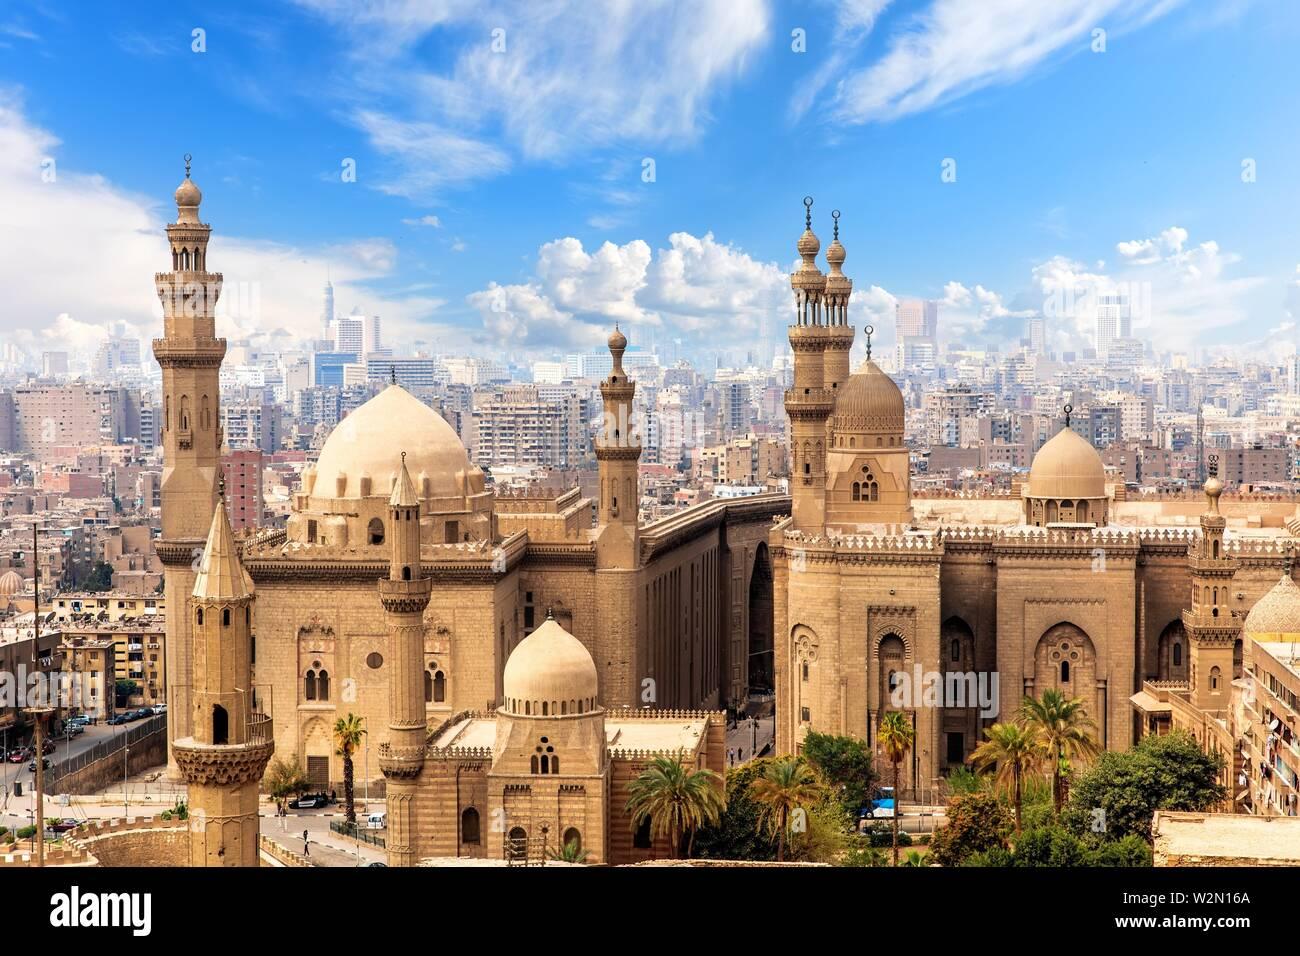 Mezquita y Madrasa del Sultán Hassan en El Cairo, Egipto. Foto de stock